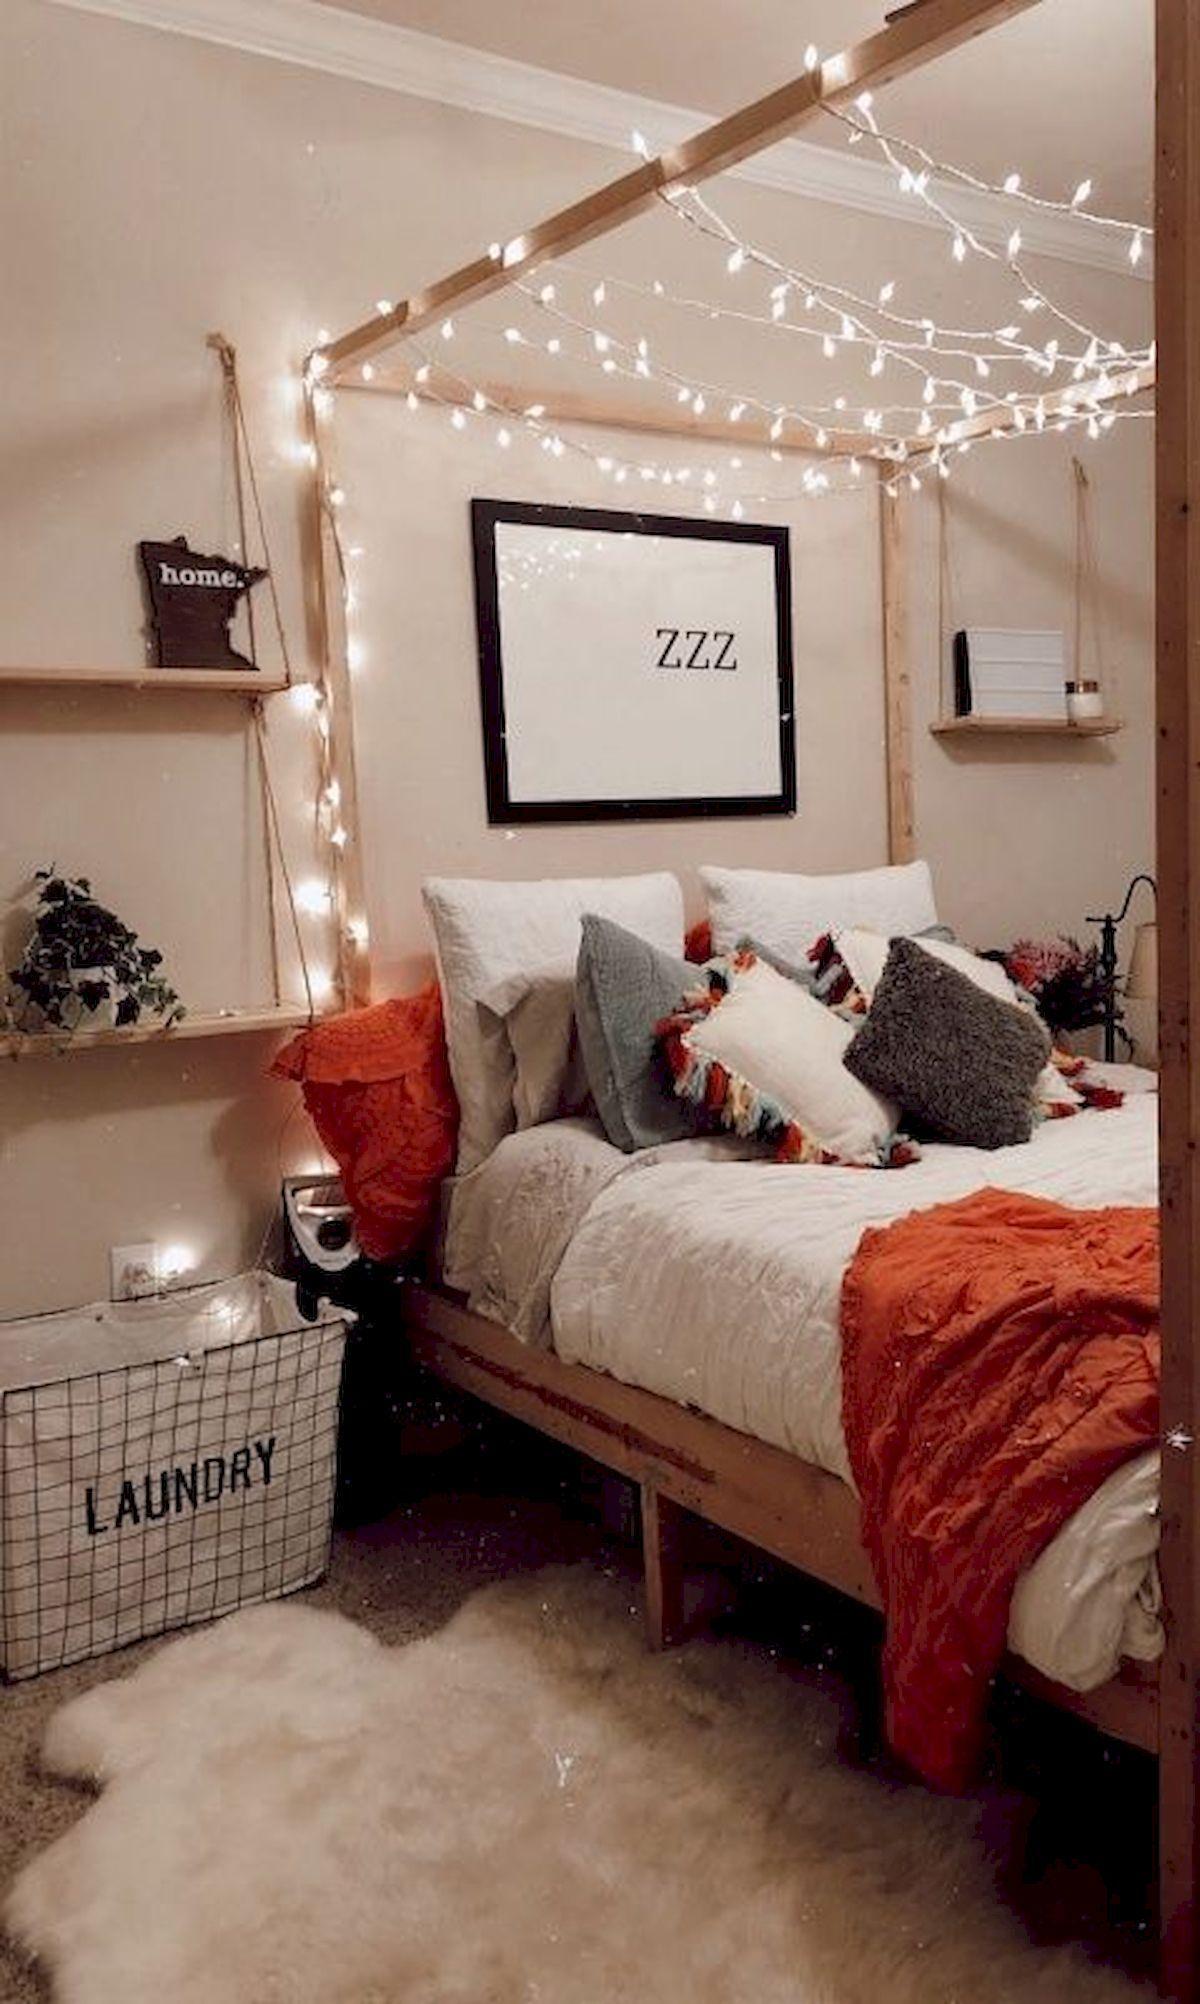 Explore Bedroom Lighting Ideas On Pinterest See More Ideas About Master Bedroom Lighting Ideas Bedroom Interior Aesthetic Bedroom Bedroom Decor